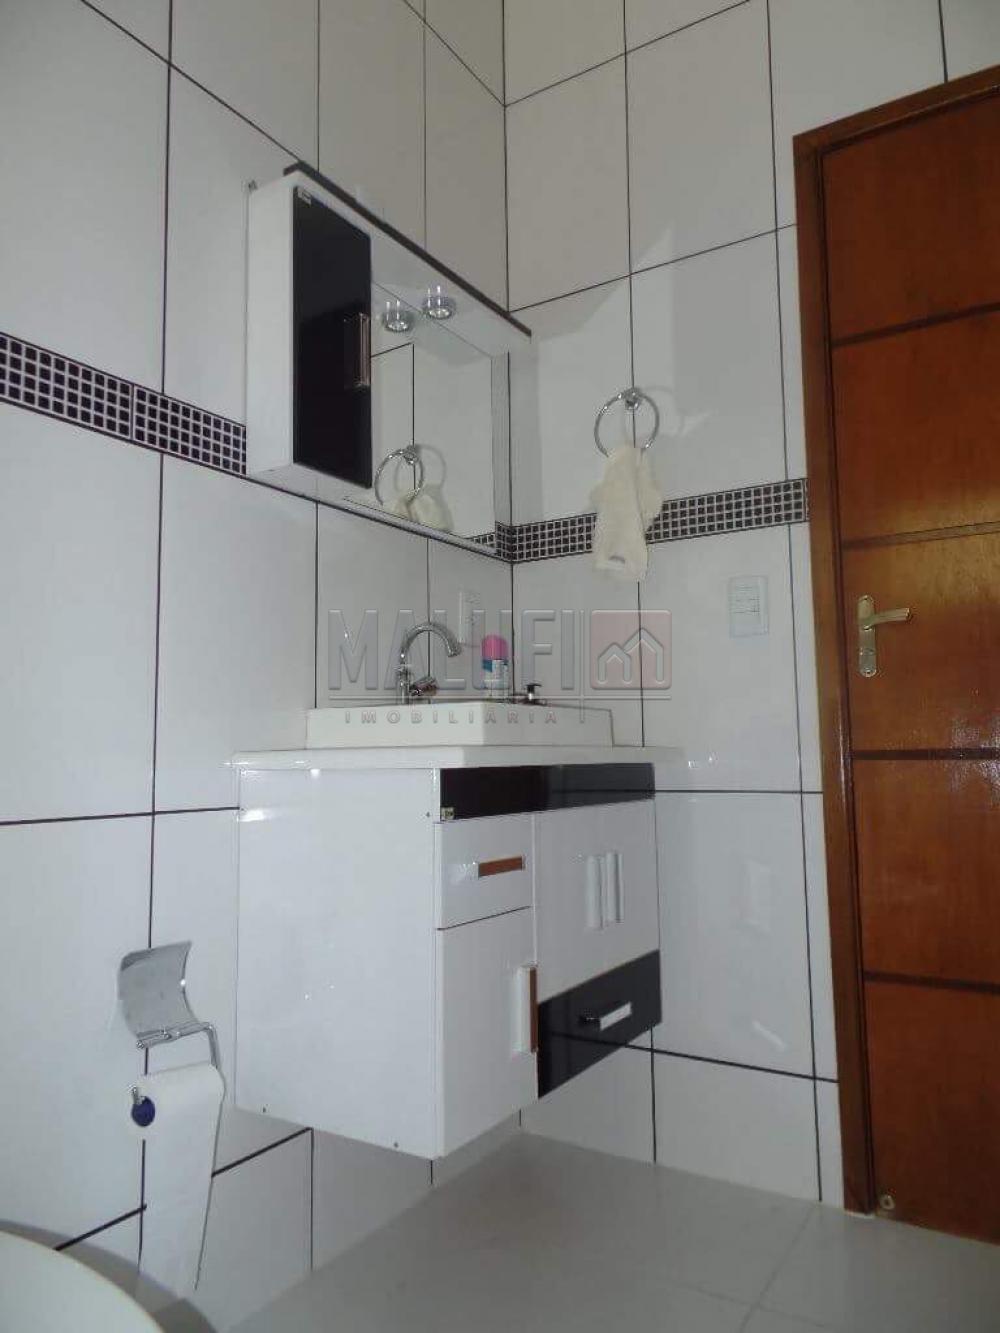 Alugar Casas / Padrão em Olímpia apenas R$ 1.700,00 - Foto 9